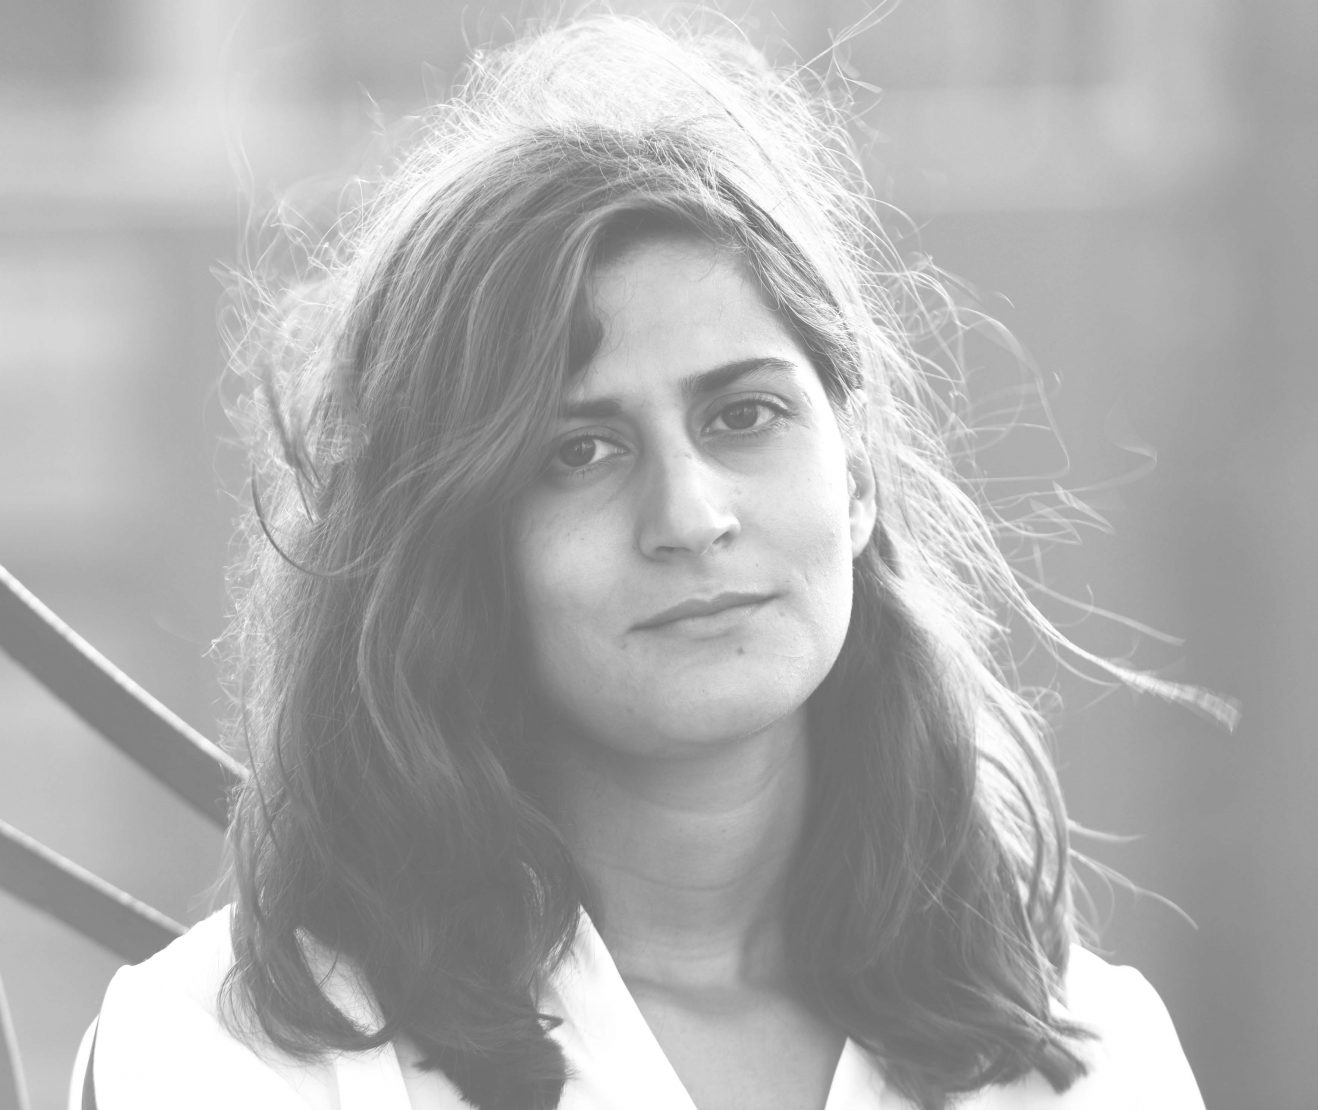 حلا نصرالله - صحافية لبنانية